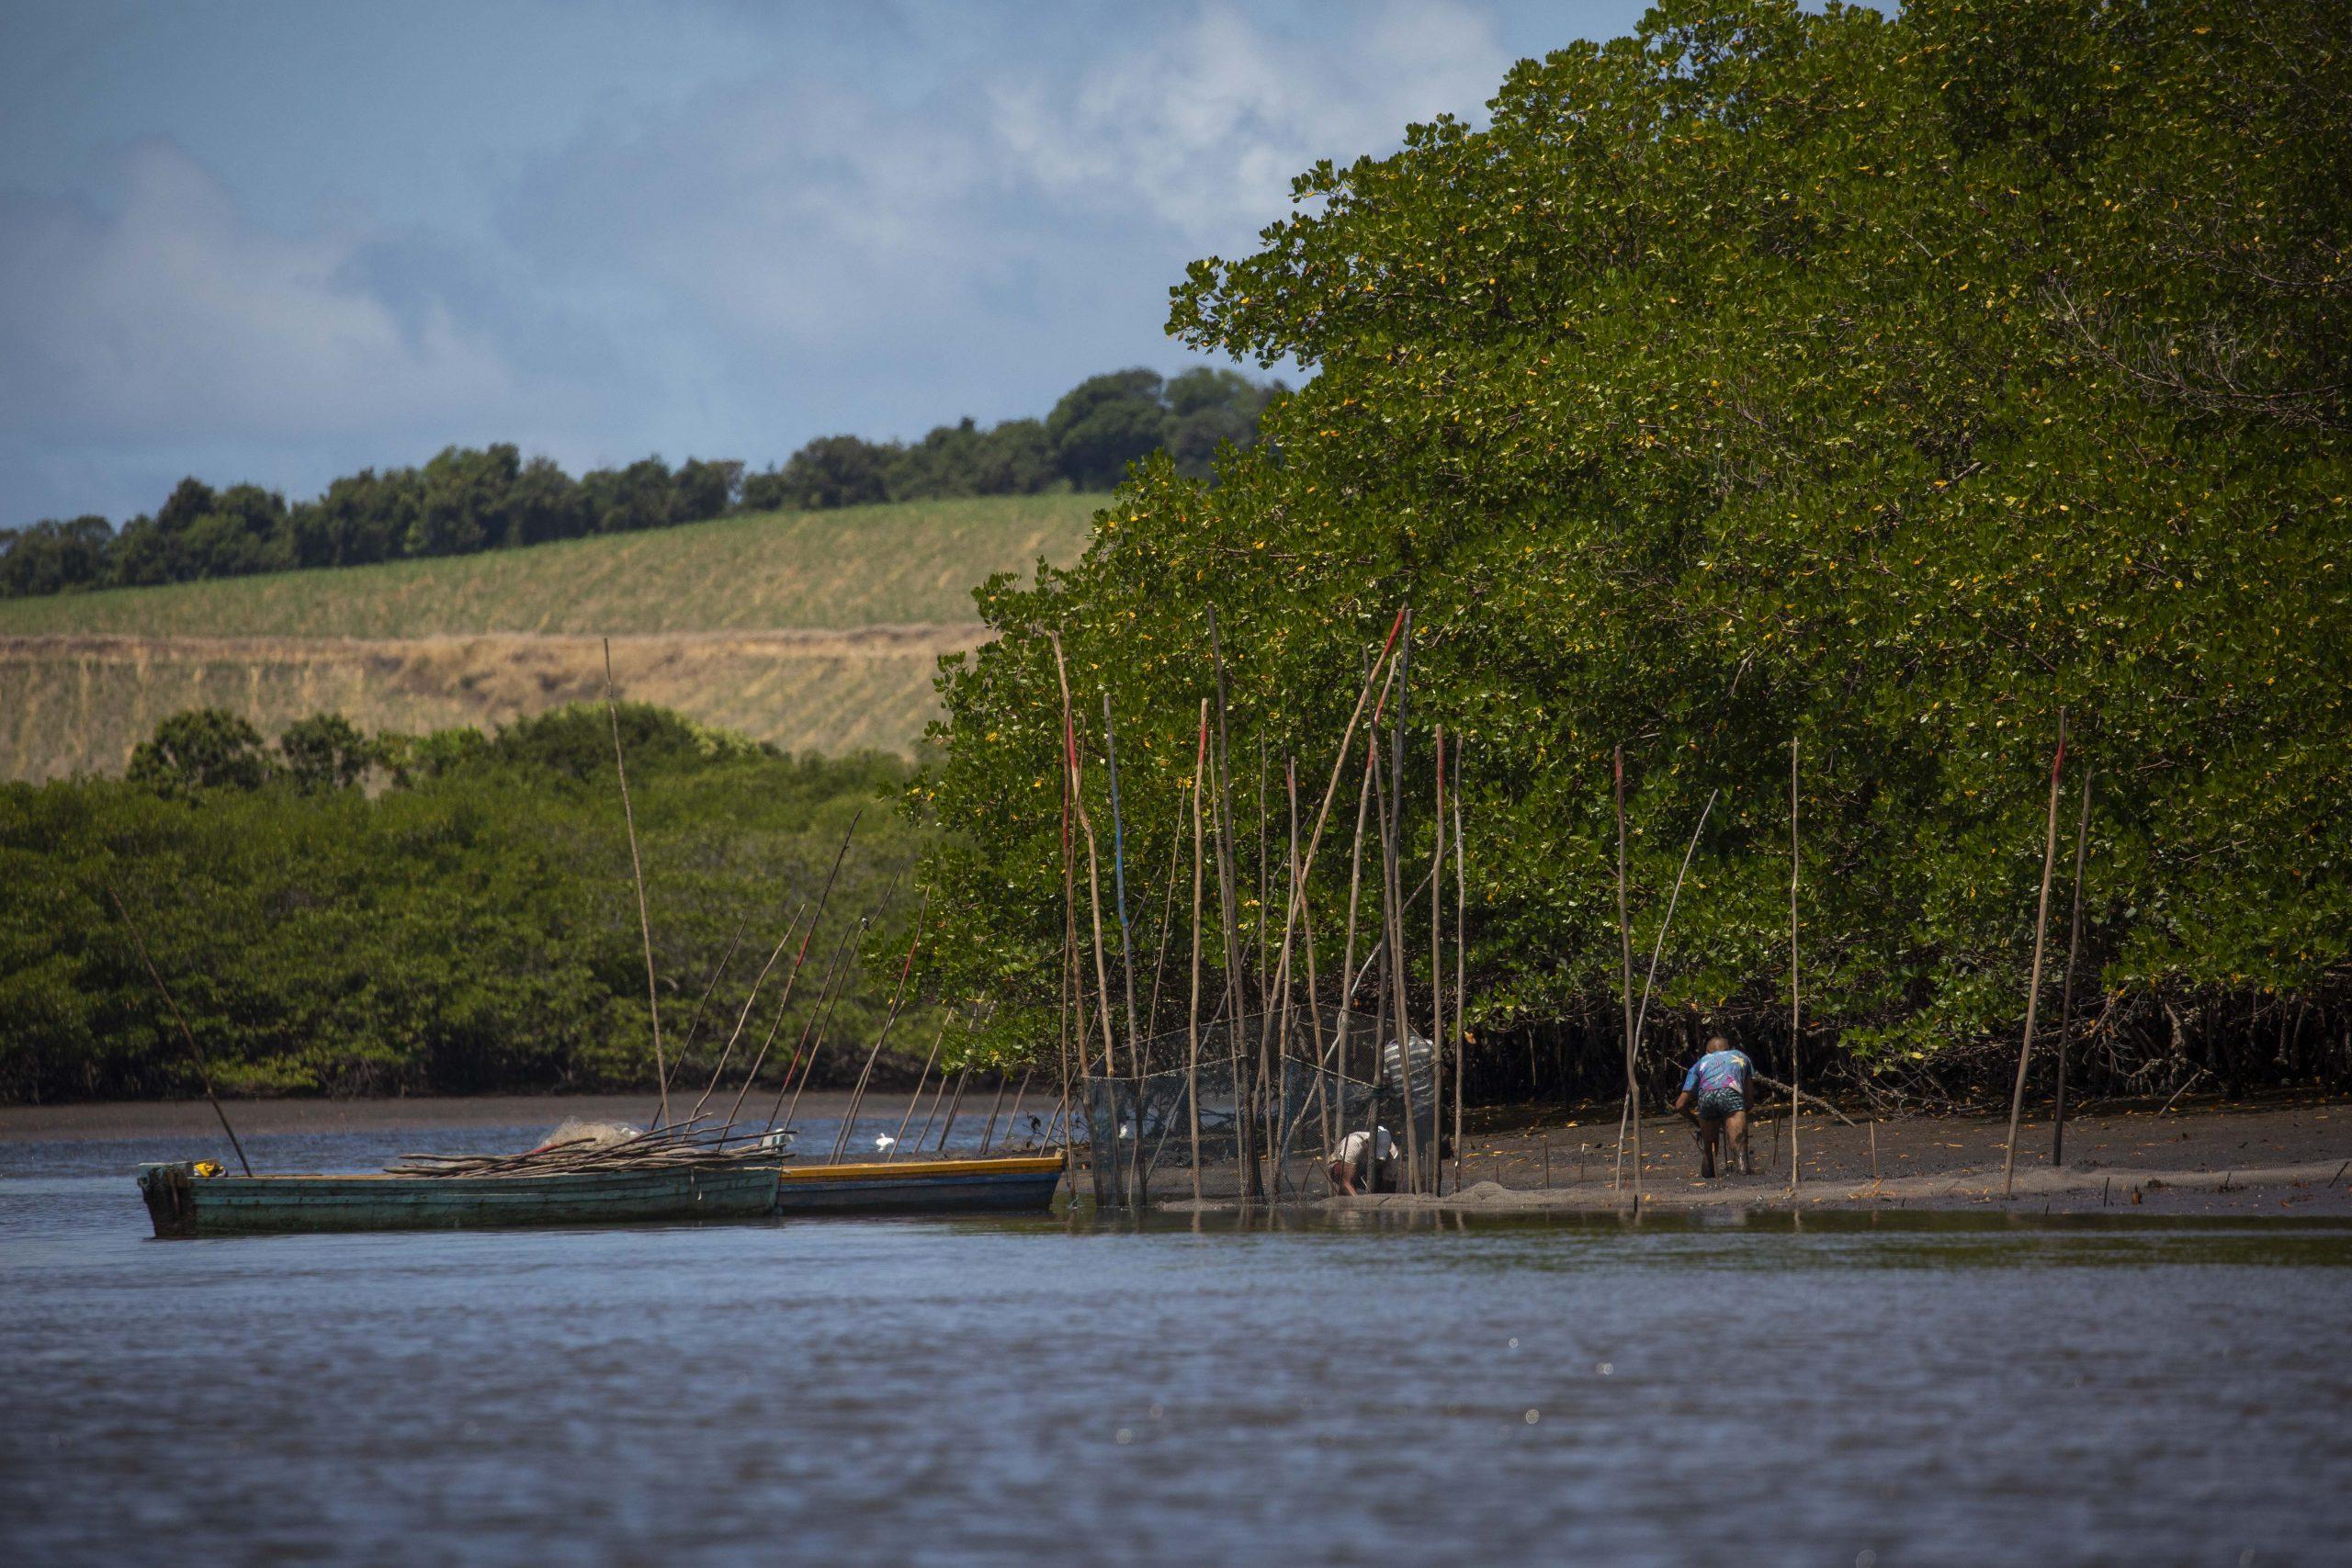 Imagens dos trabalhos de monitoramento de Beatrice Padovani e sua equipe mangue na região do Rio Formoso, em Tamandaré, PE